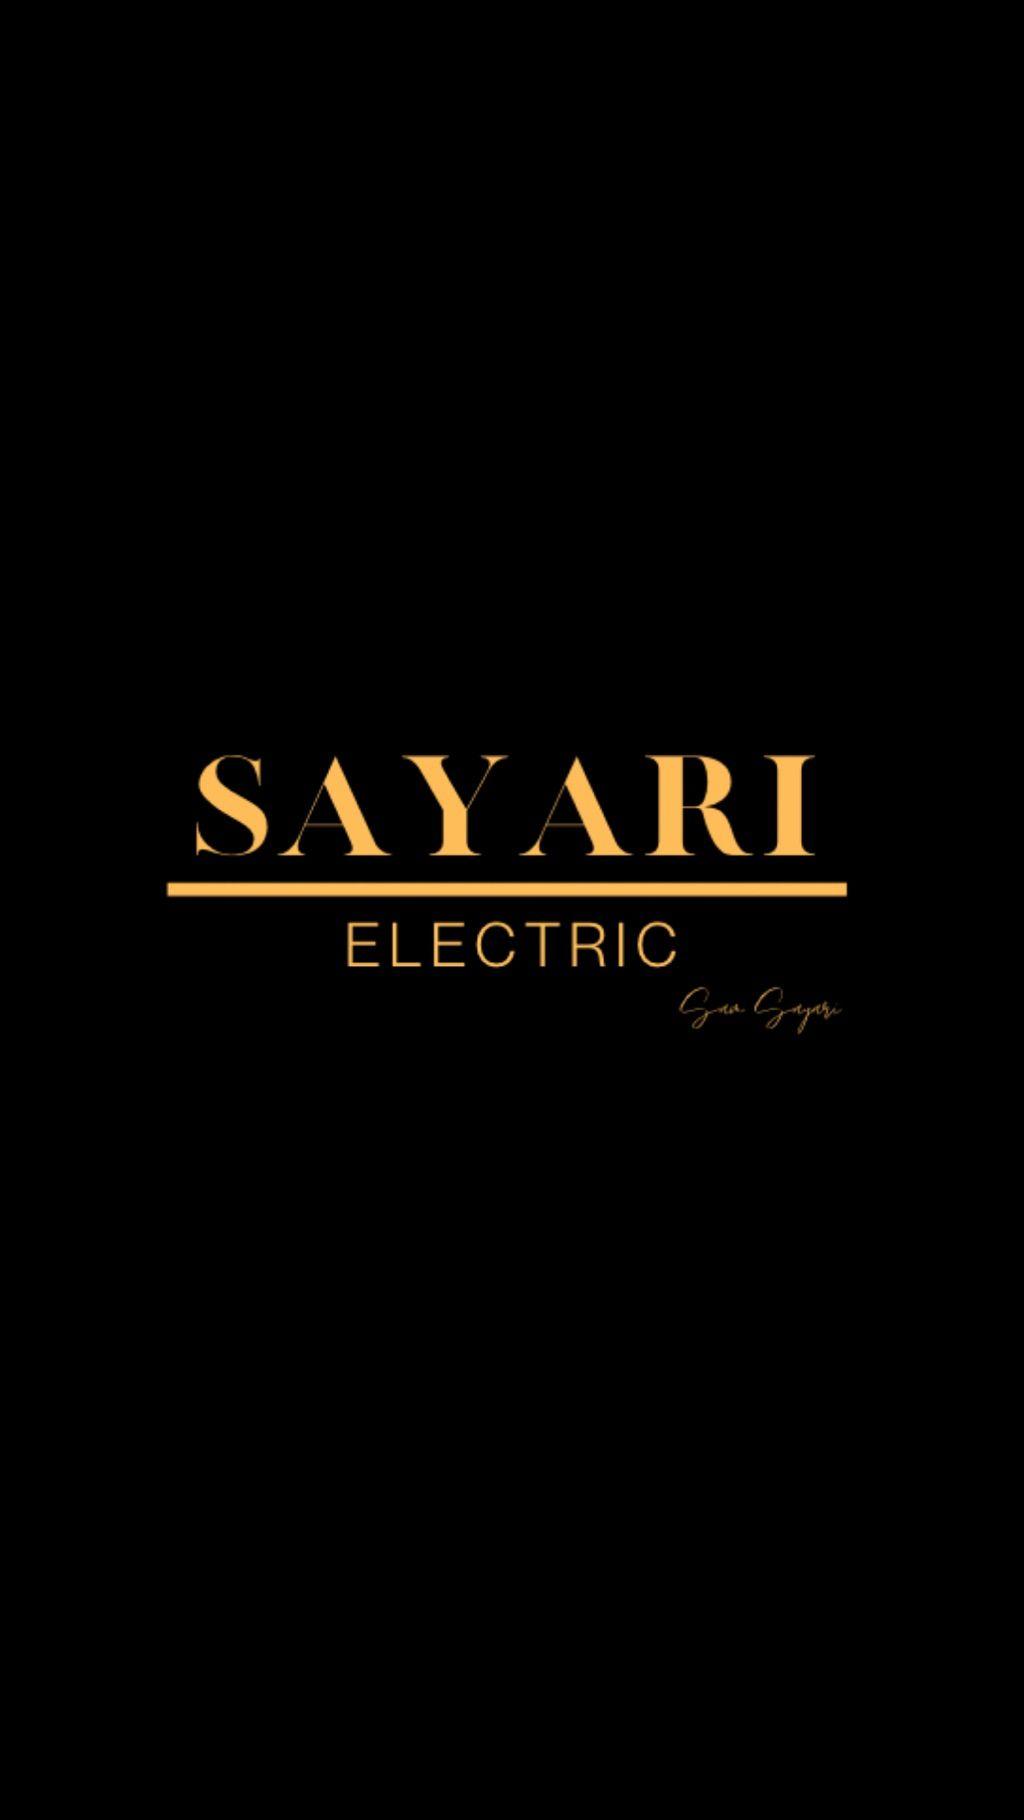 SAYARI ELECTRIC CO.